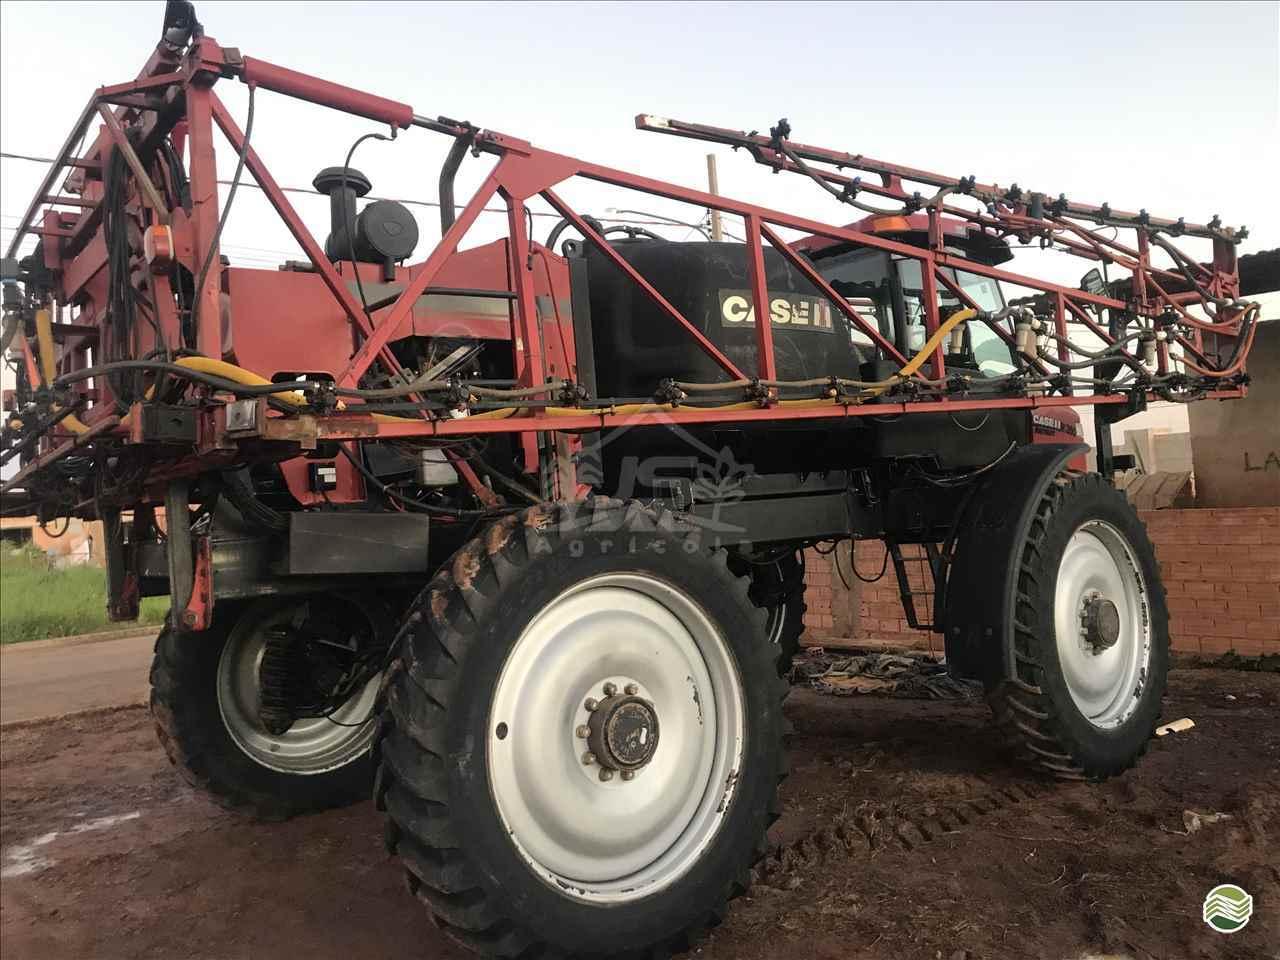 PATRIOT 350 de JS Agrícola - CAMPO VERDE/MT